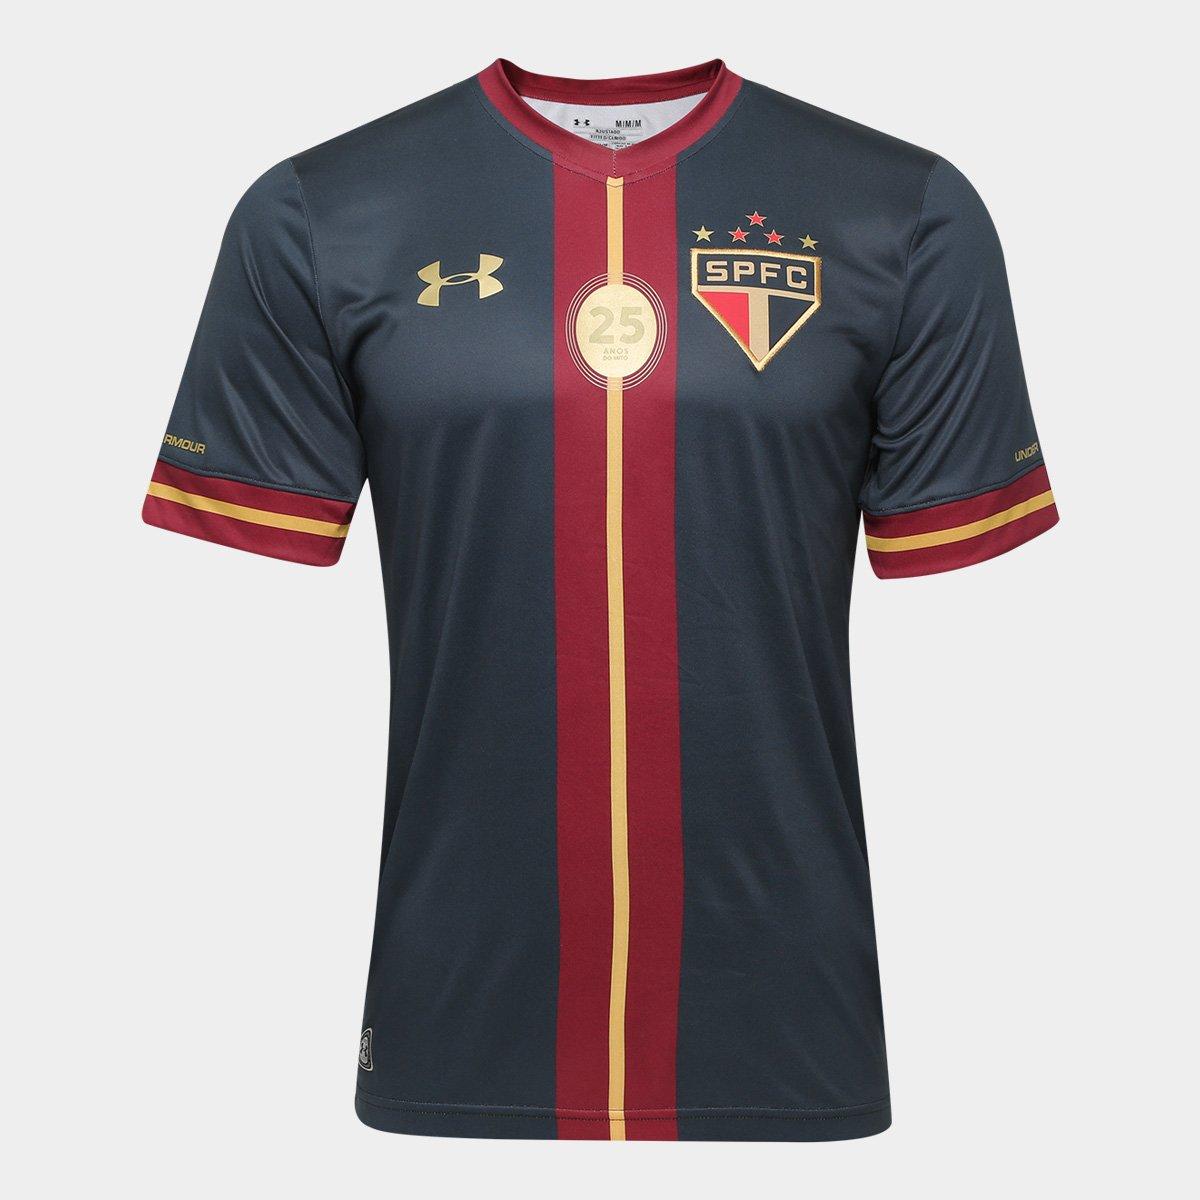 e2d55277e7f Camisa São Paulo Goleiro III 15 16 nº 01 R.Ceni - Edição Especial Under  Armour Masculina - Compre Agora